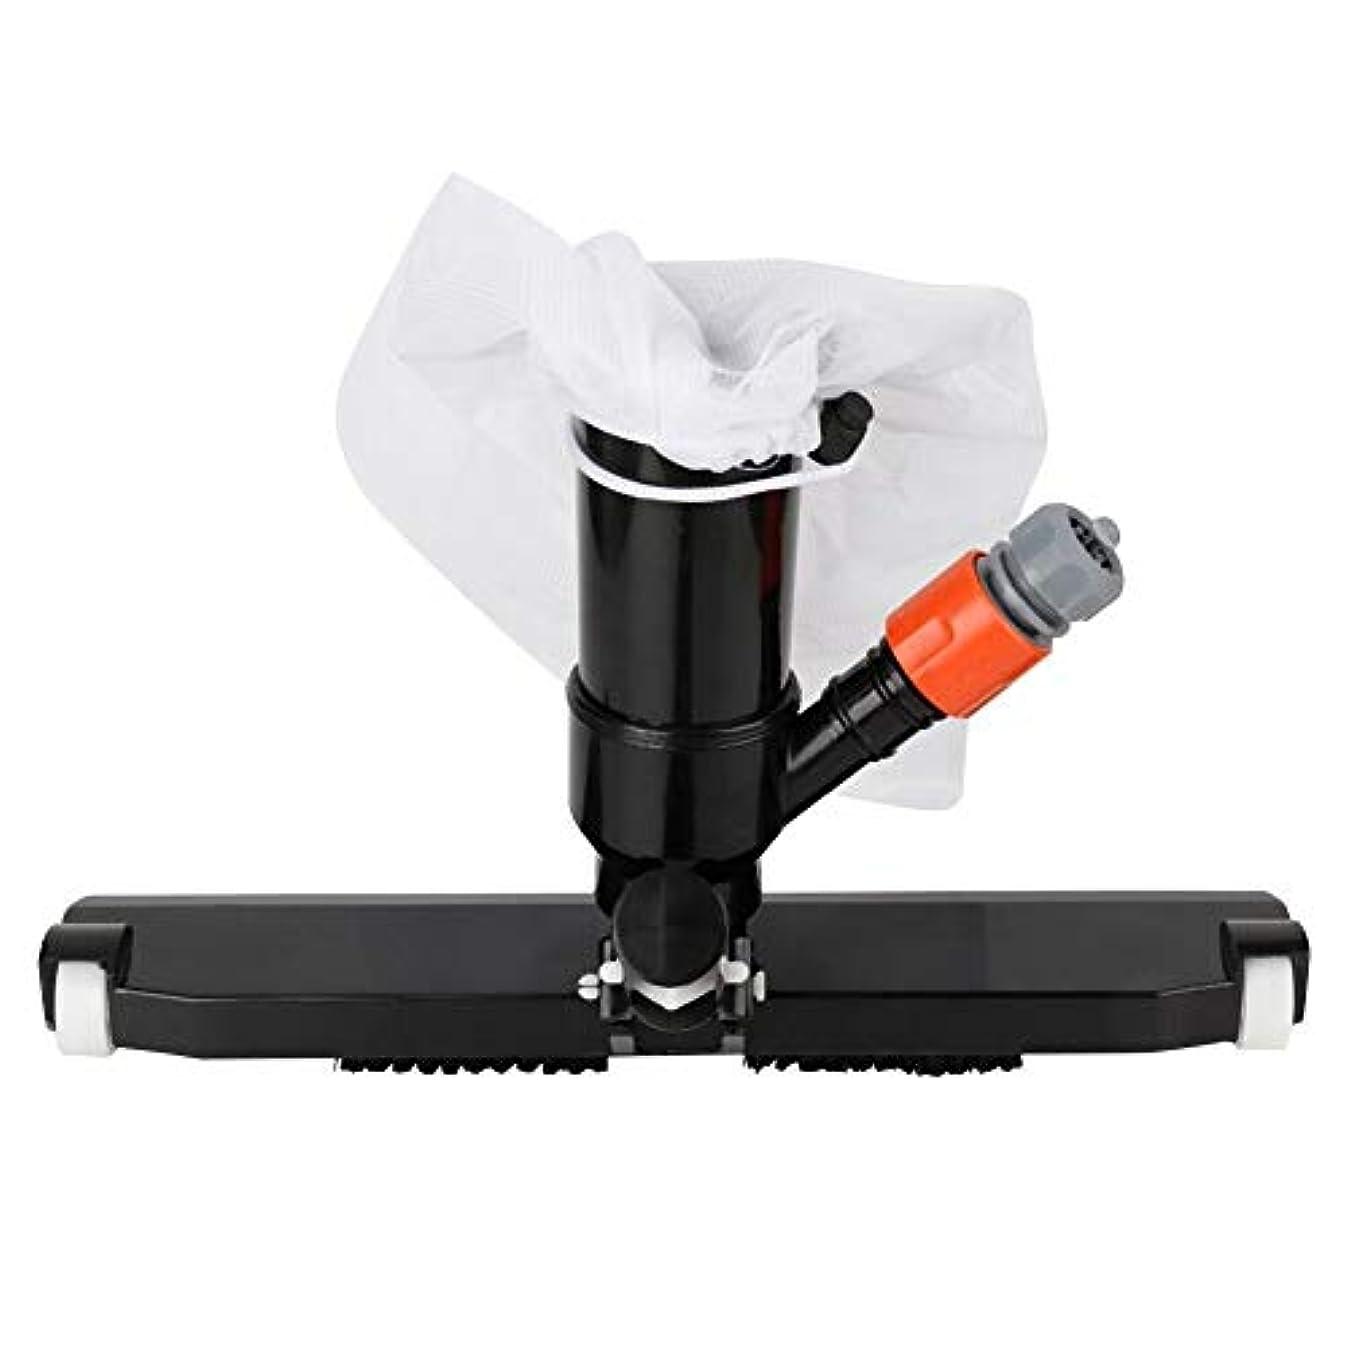 溶けた煙強化するHappysource プールサクションヘッド掃除機ブラシスパ池汚れクリーナー用品